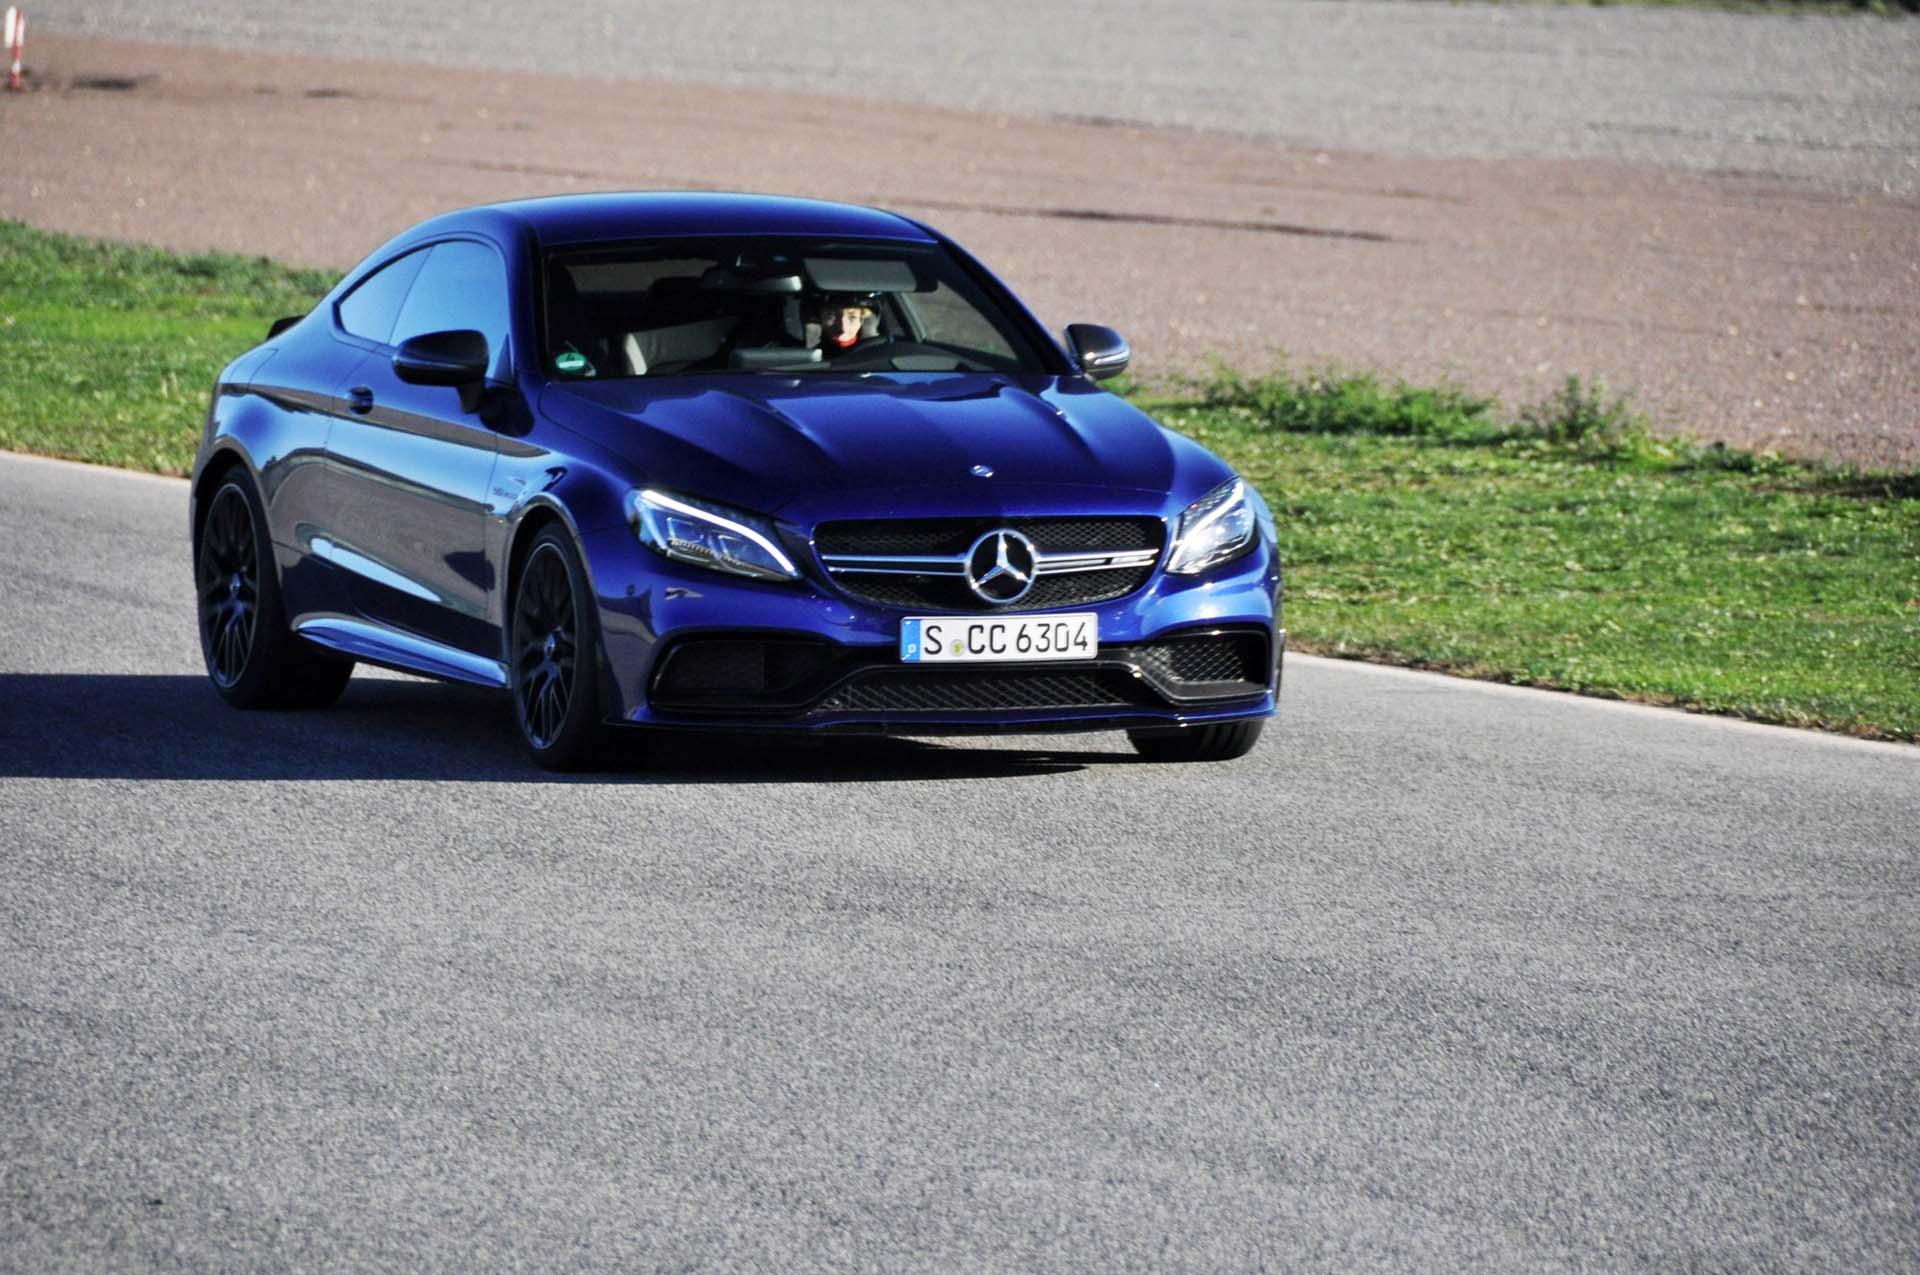 2012 Lexus Is Coupe | Autos Classic Cars Reviews